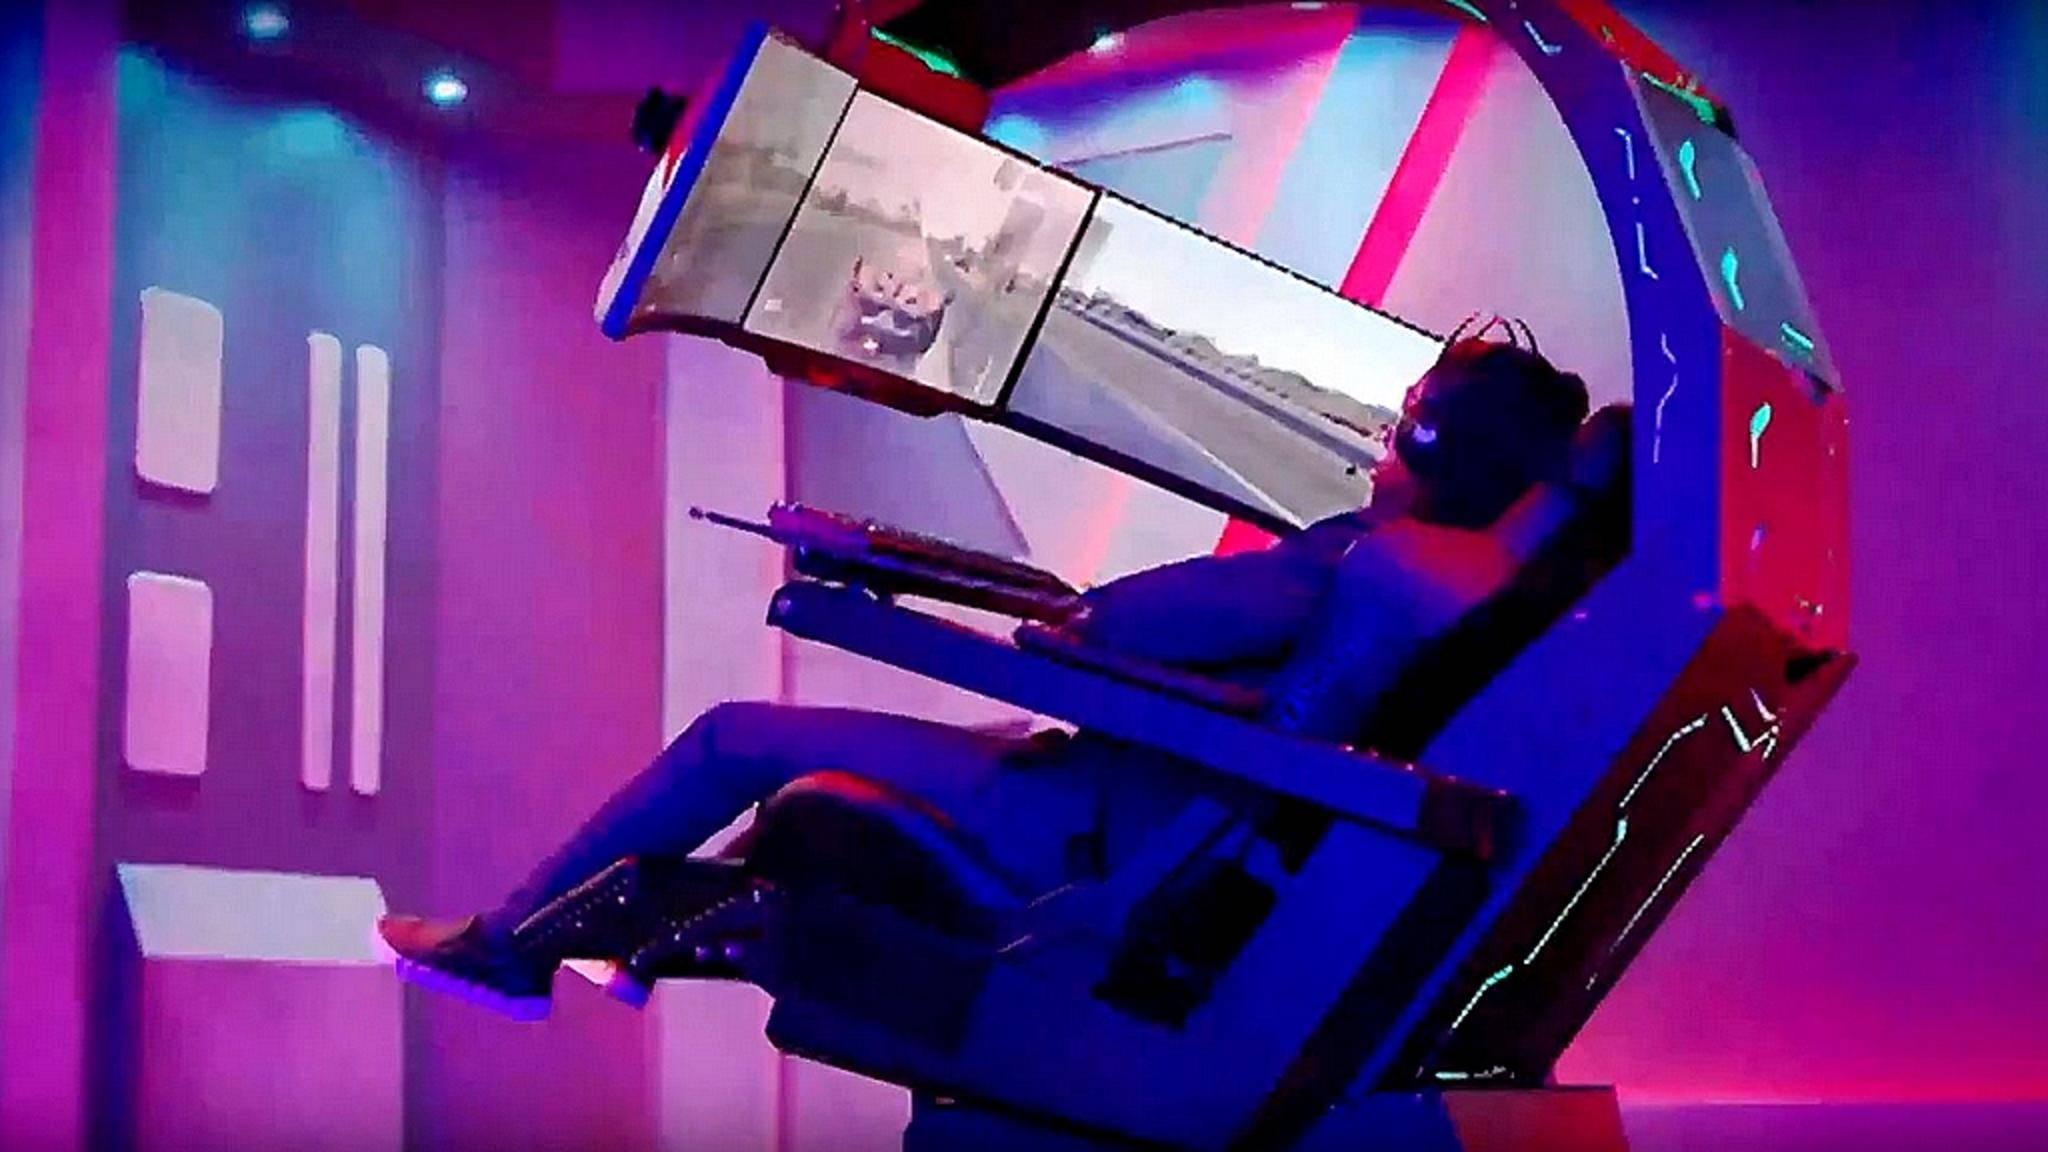 Acer zeigt auf der IFA einen völlig absurden Gaming-Stuhl.